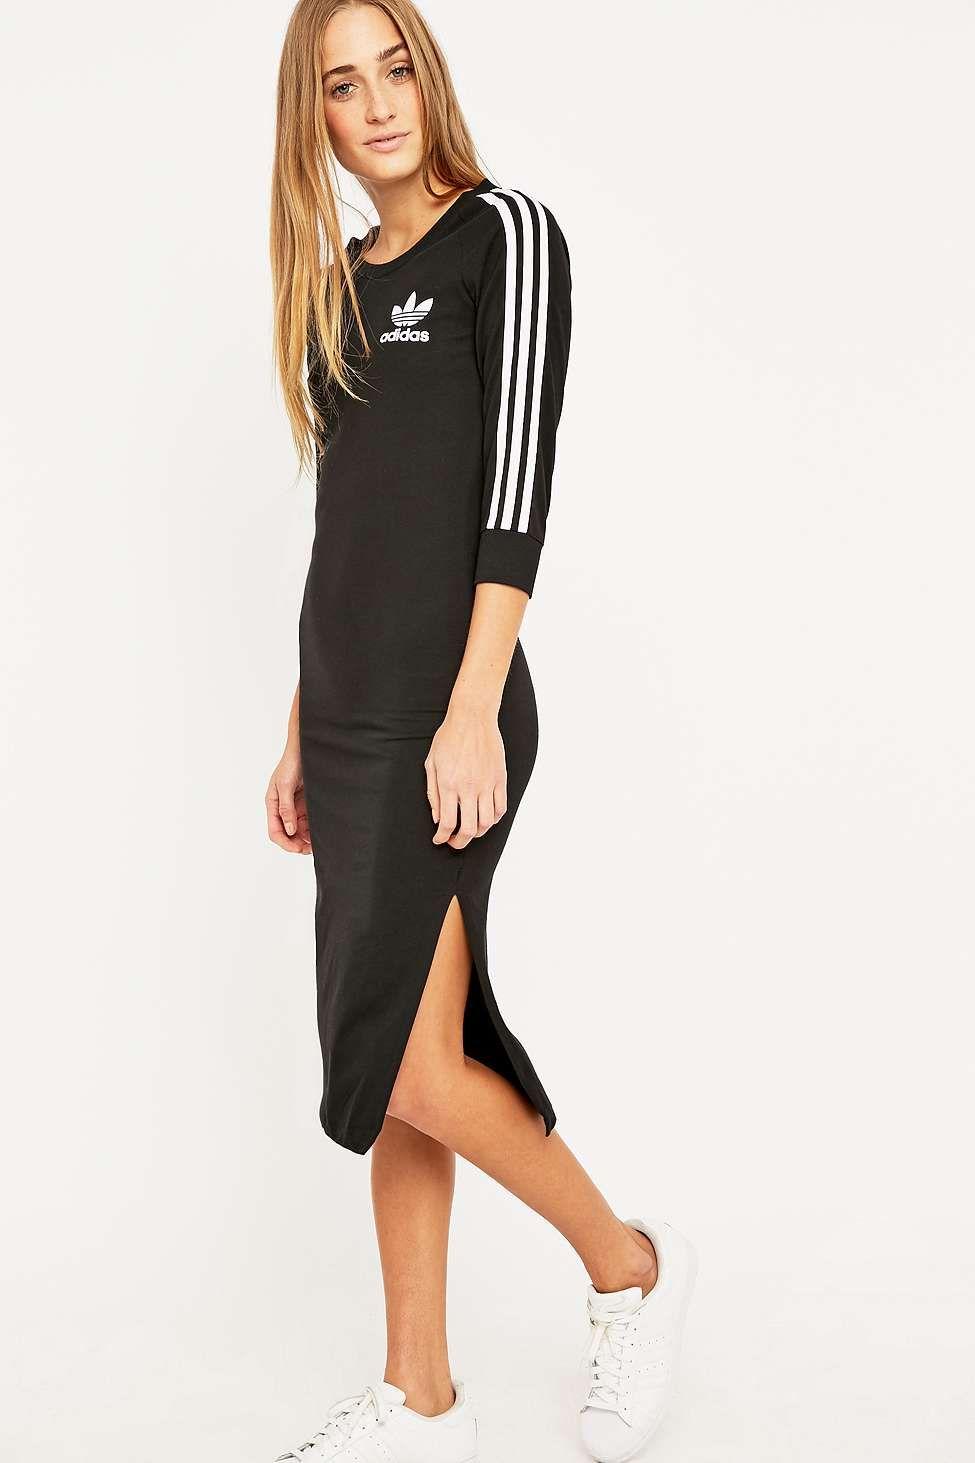 20436f5e07 adidas – Midikleid in Schwarz mit drei Streifen. adidas Three Stripe Black Midi  Dress Tenis Adidas ...